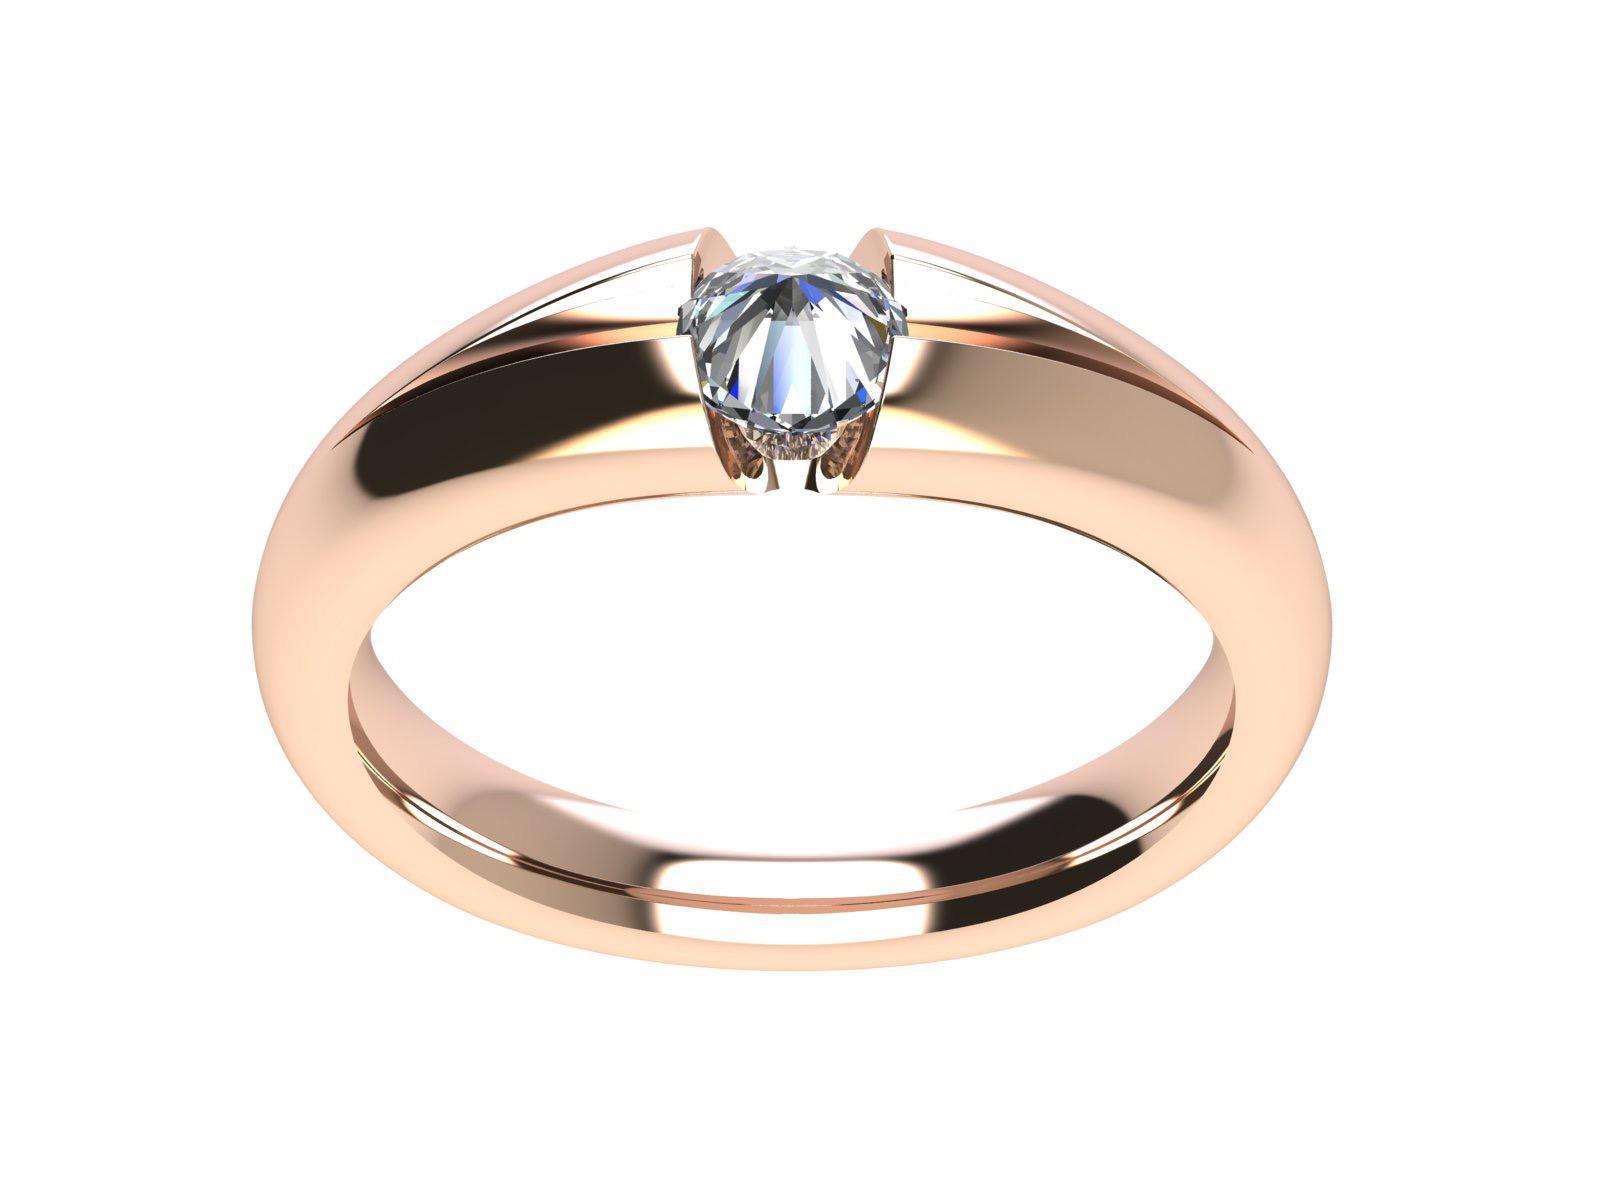 Anello Cuntrari in oro rosa con il diamante con la punta verso l'alto